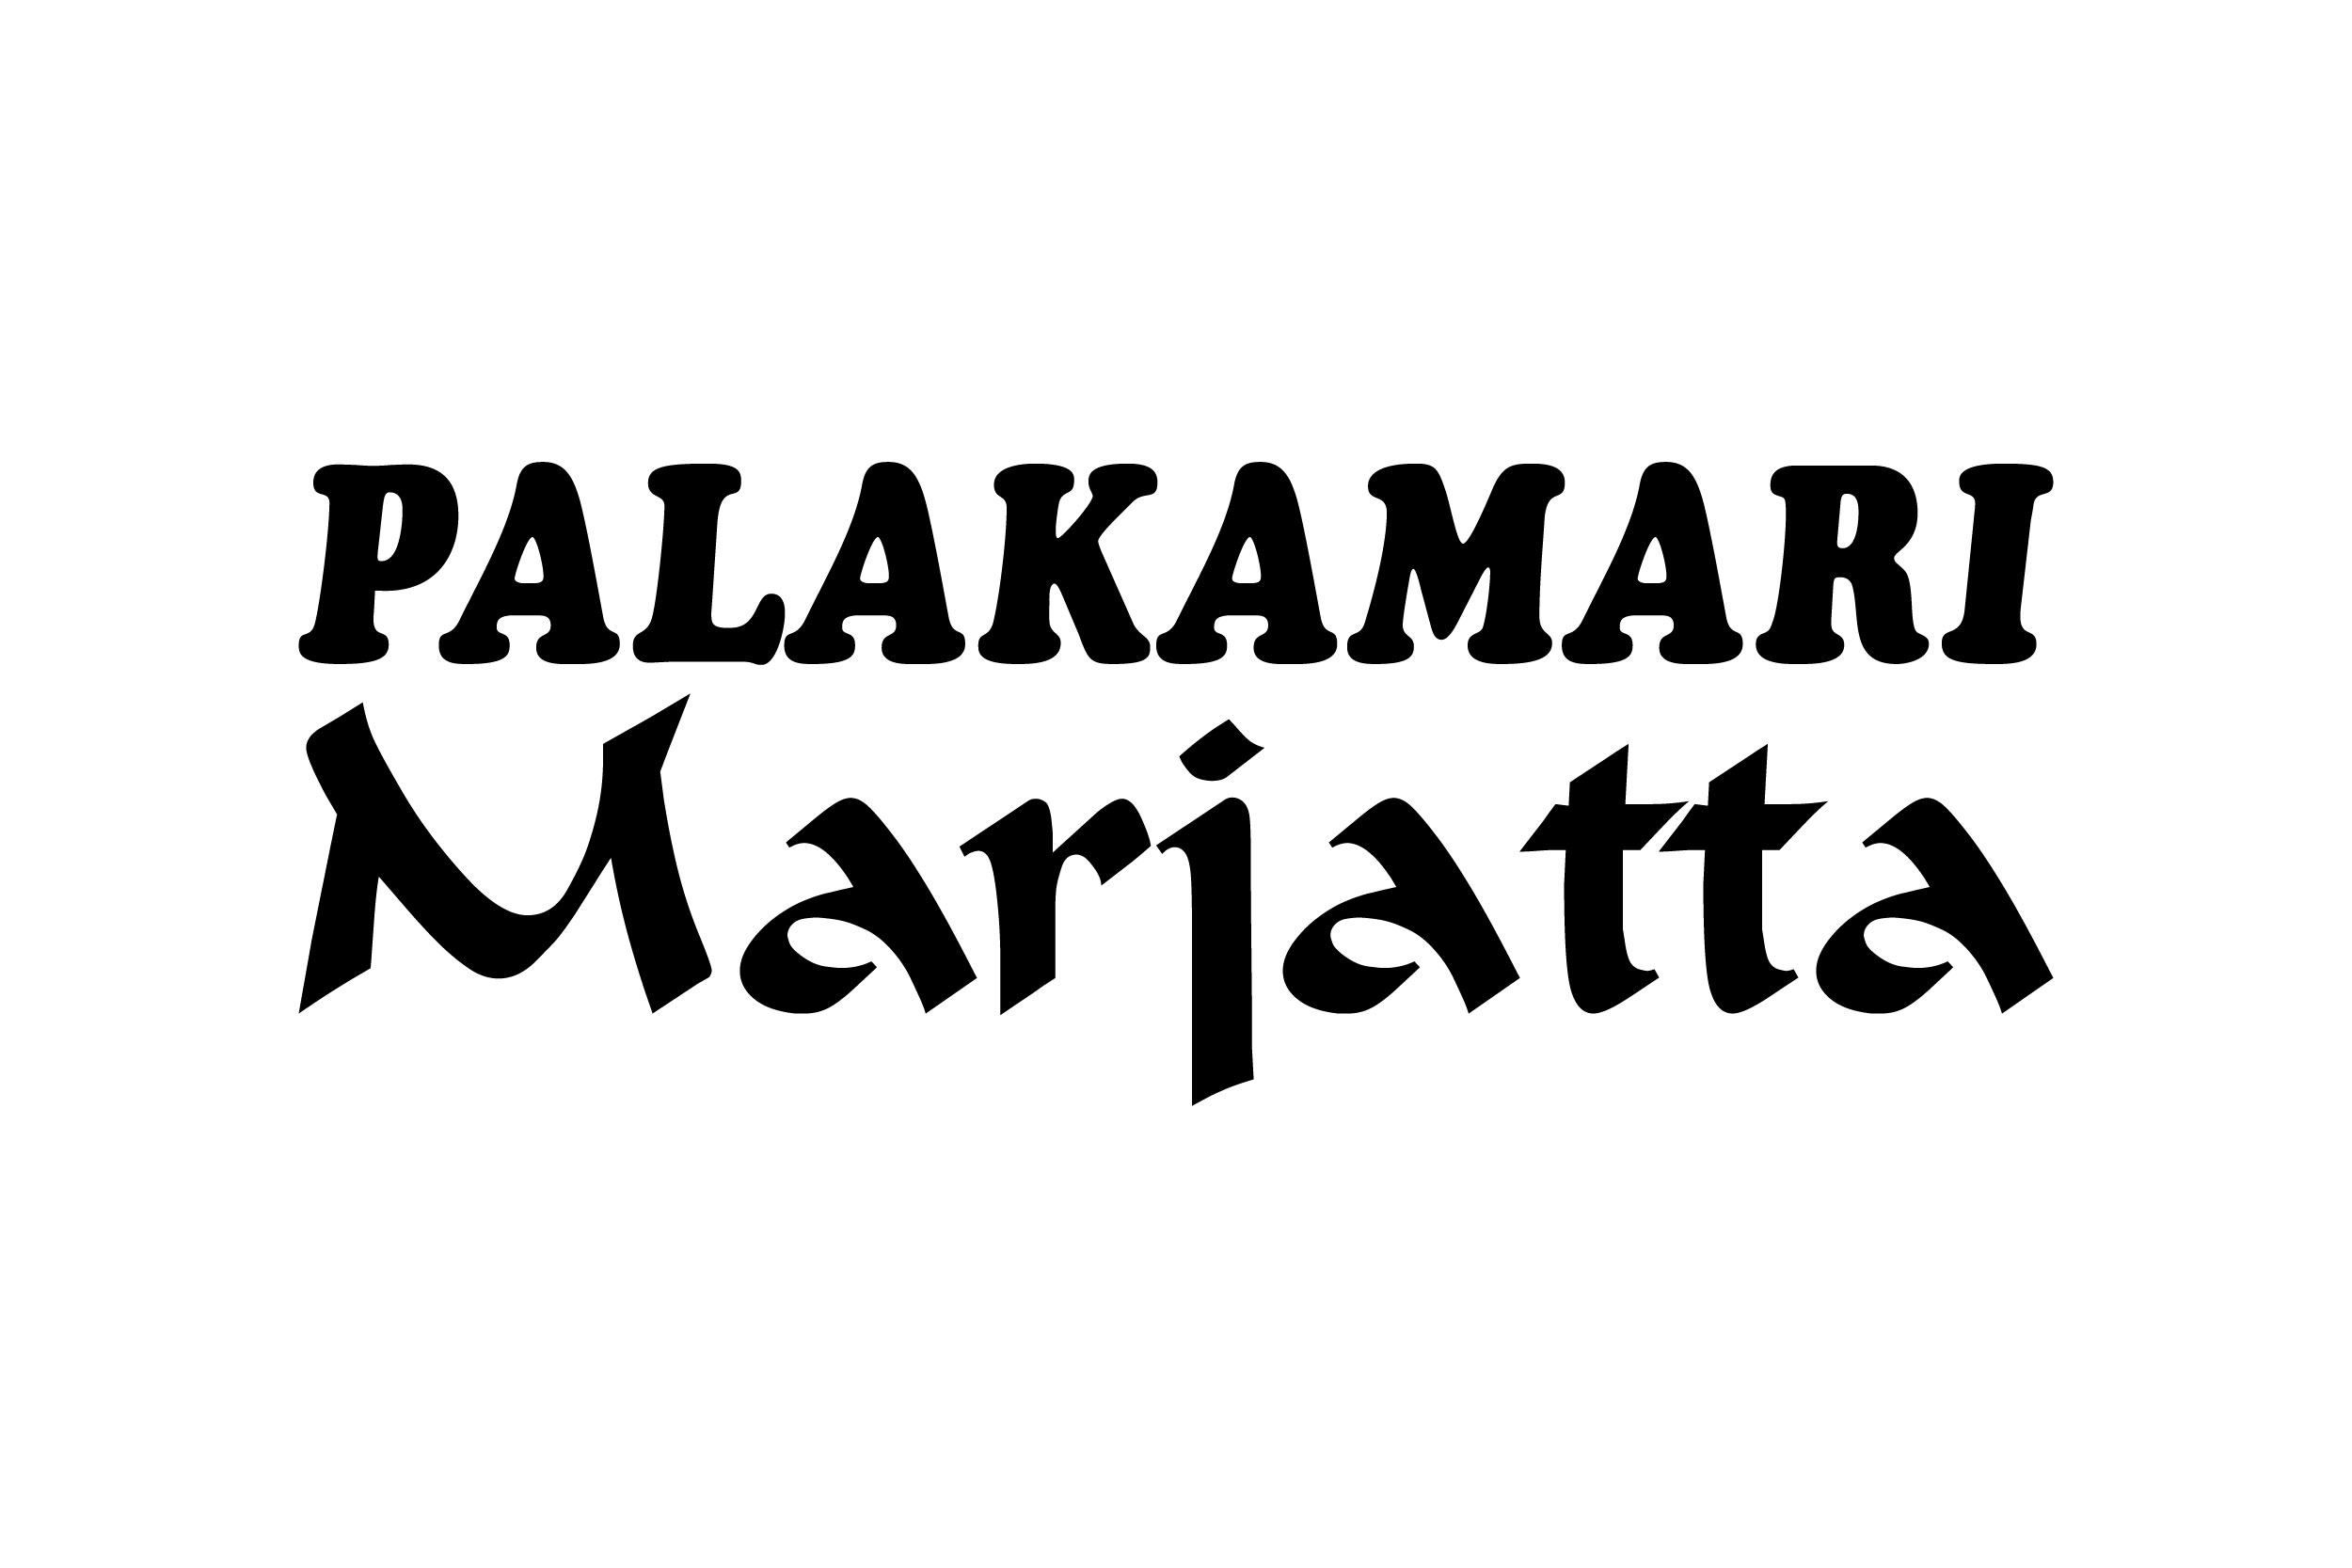 Palakamari Marjatta